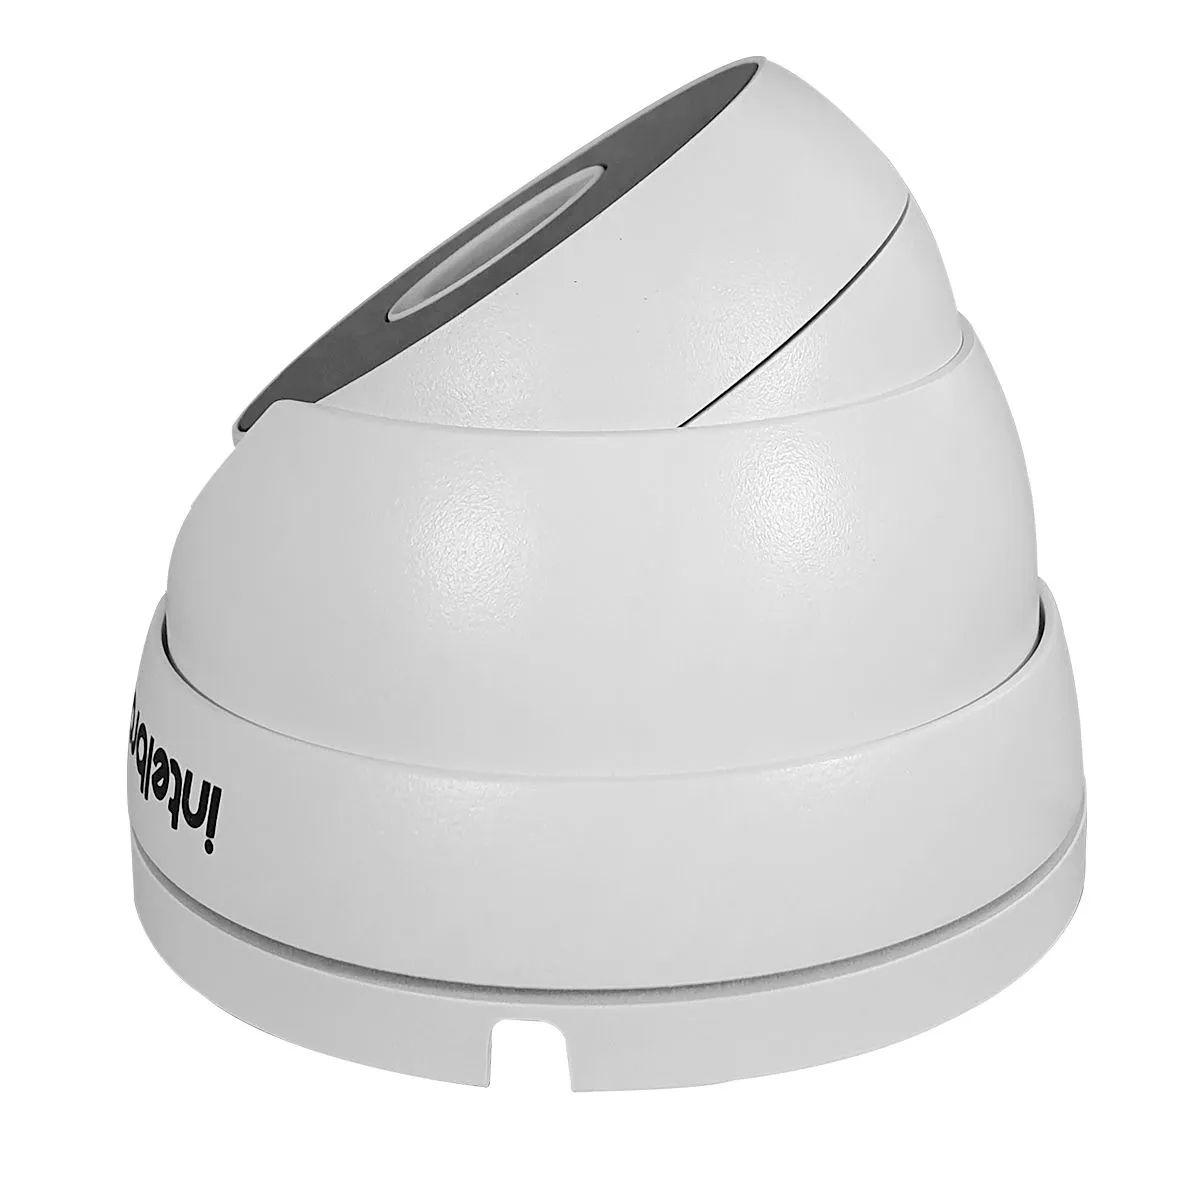 Câmera Full HD 1080p Intelbras VHD 3220 D G5 20m de Infravermelho Dome Resistente à Chuva IP66  - Tudo Forte